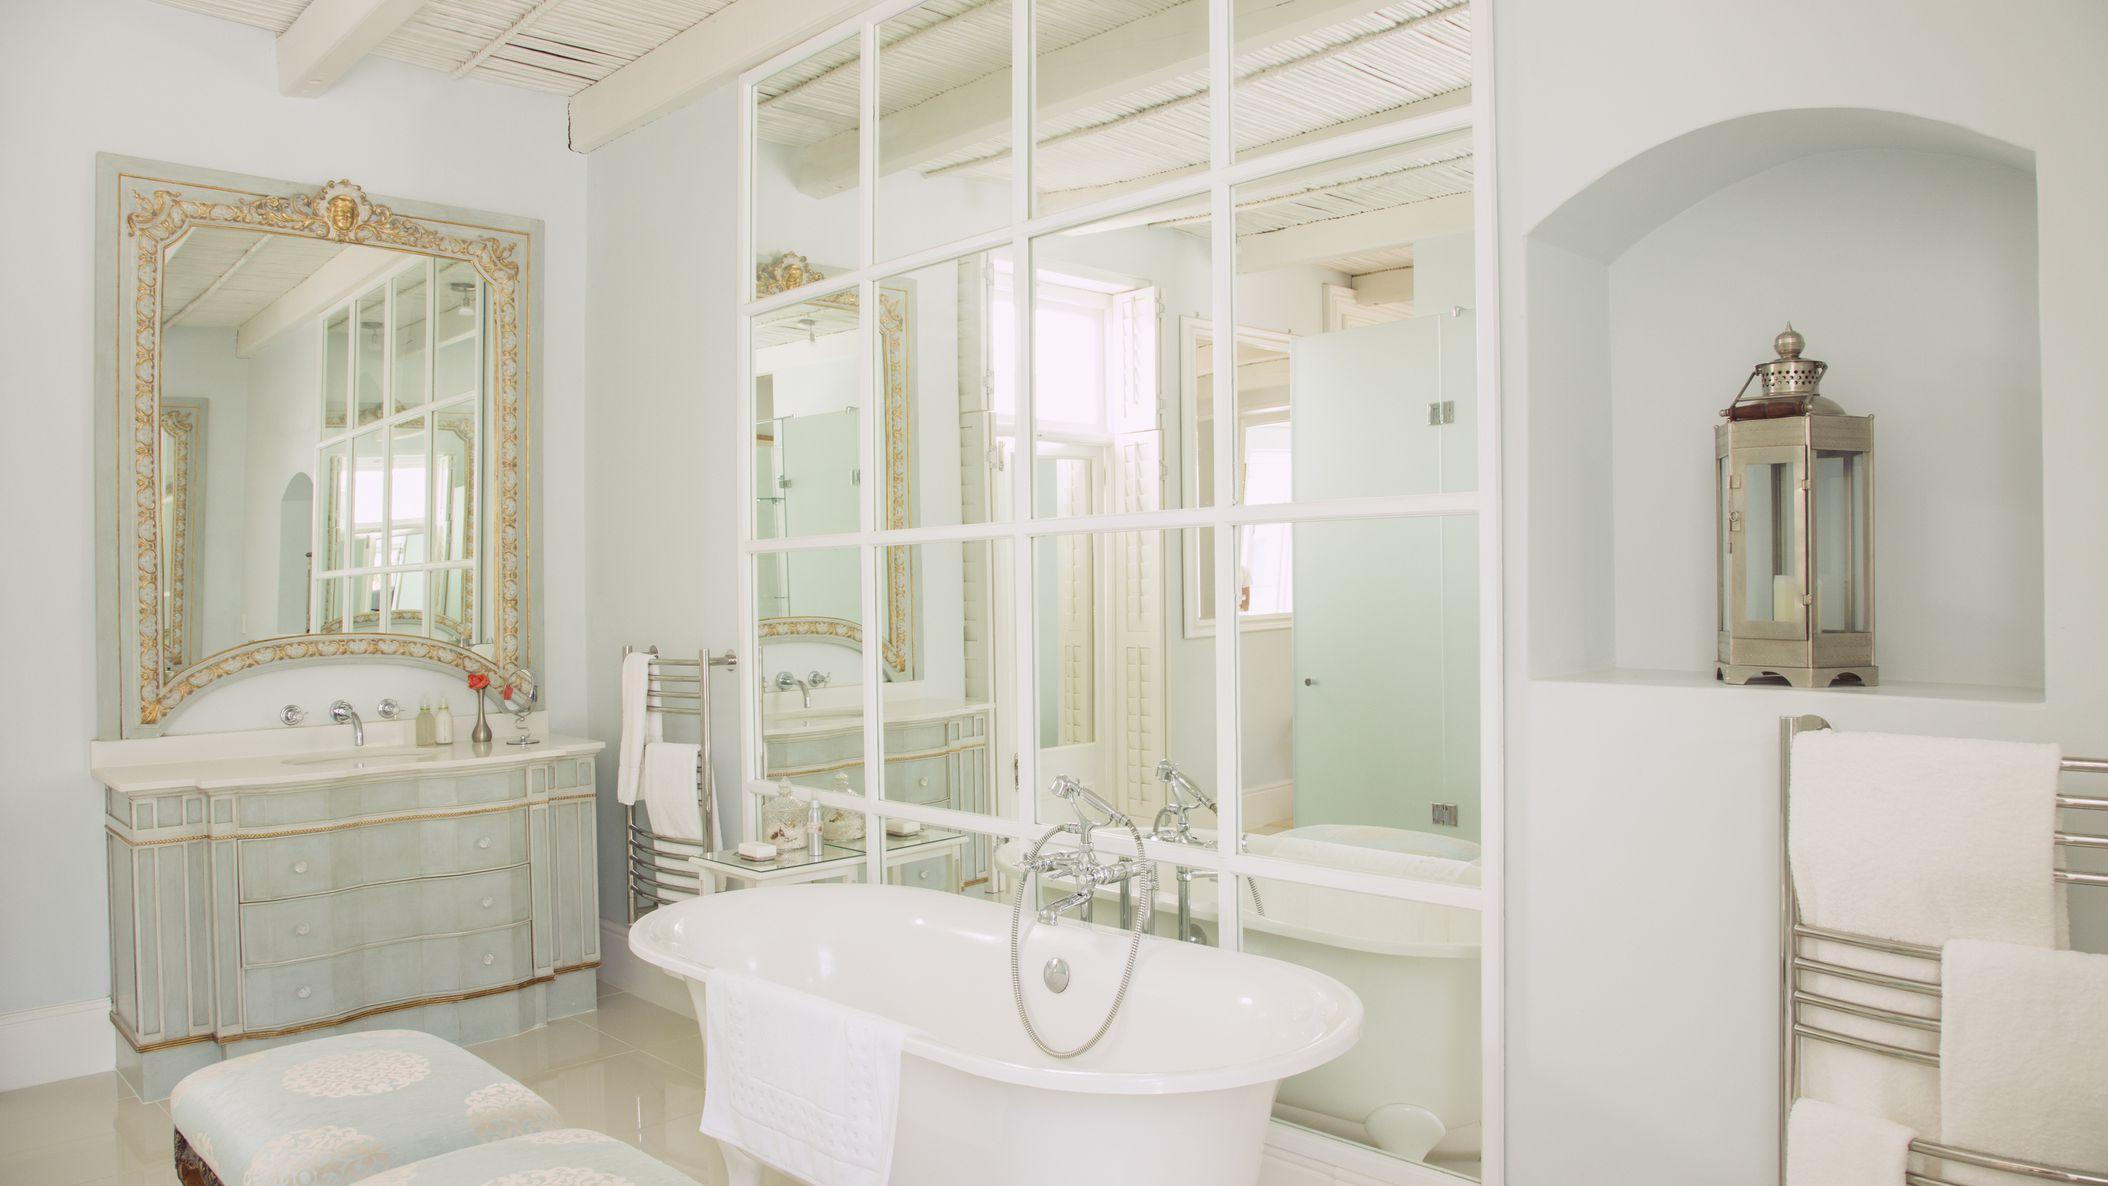 decorative bathroom hardware sets.htm essential tips for an elegant bathroom design  an elegant bathroom design